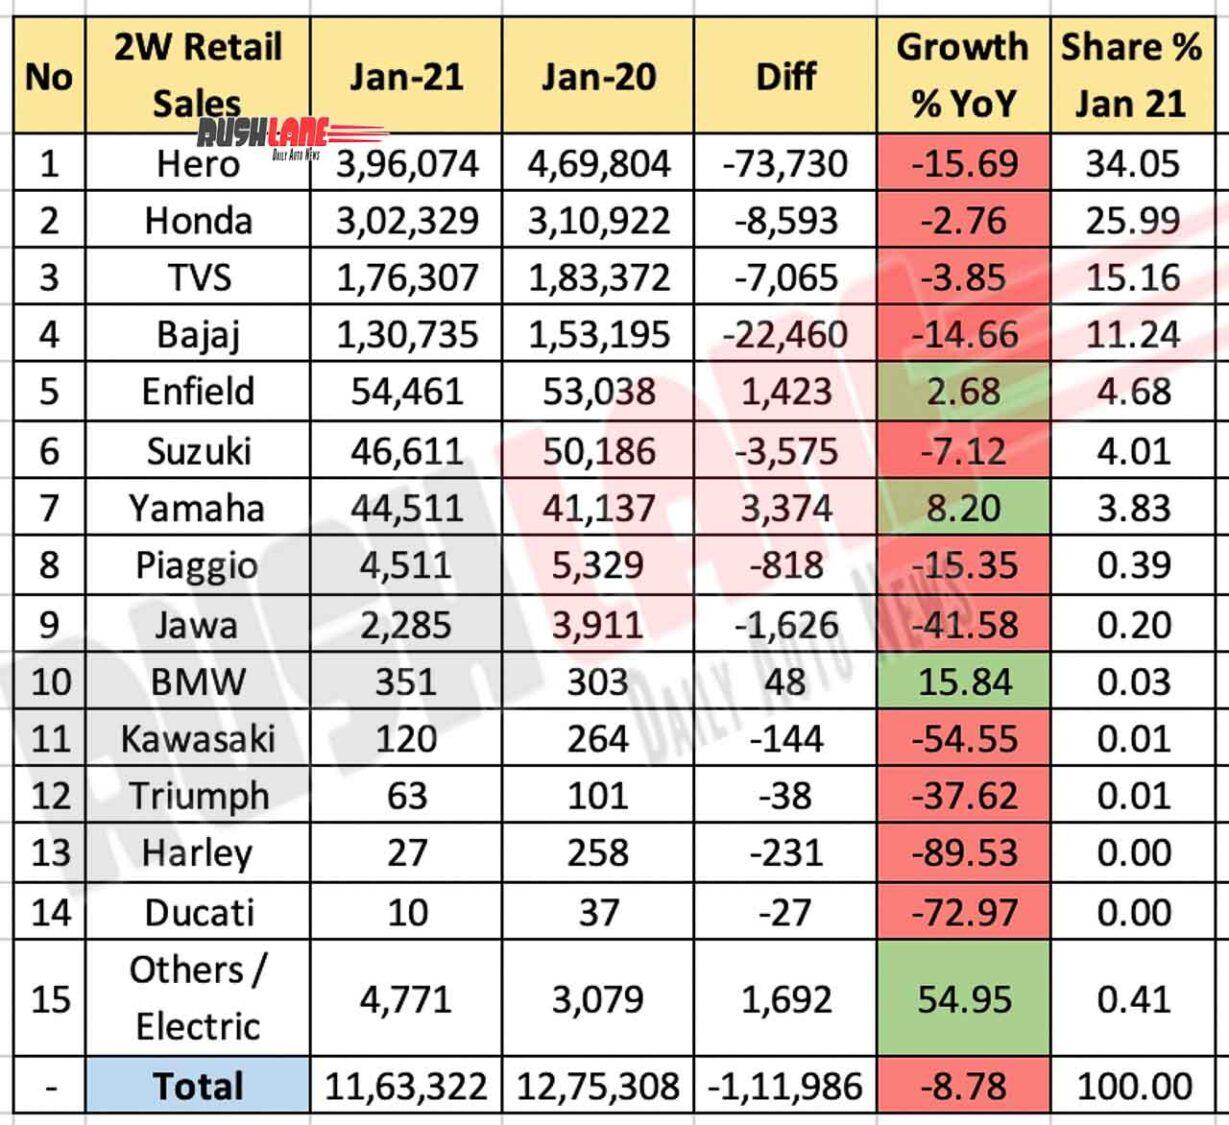 Two Wheeler Retail Sales Jan 2021